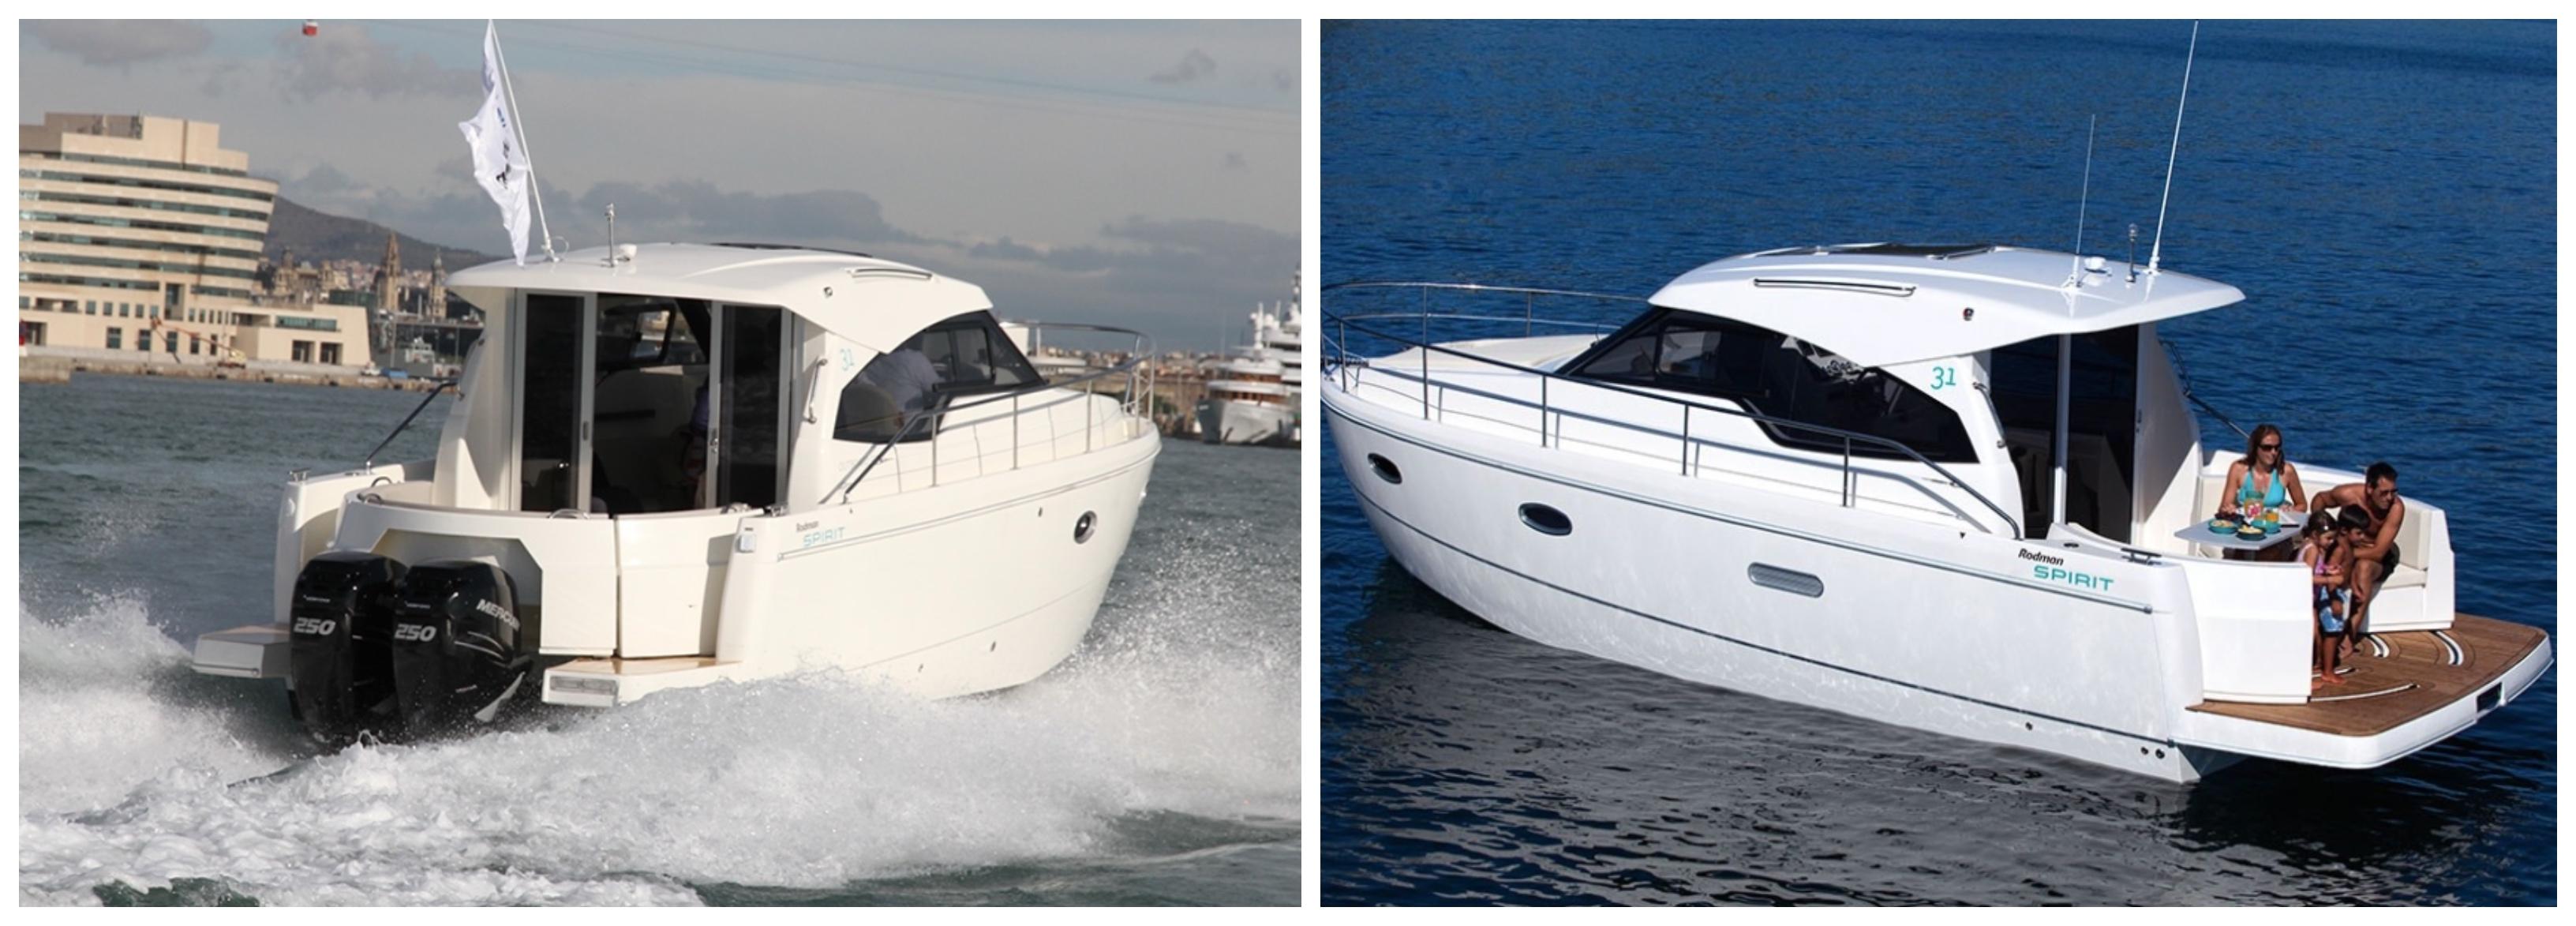 barcos a motor_fueraborda vs intraborda